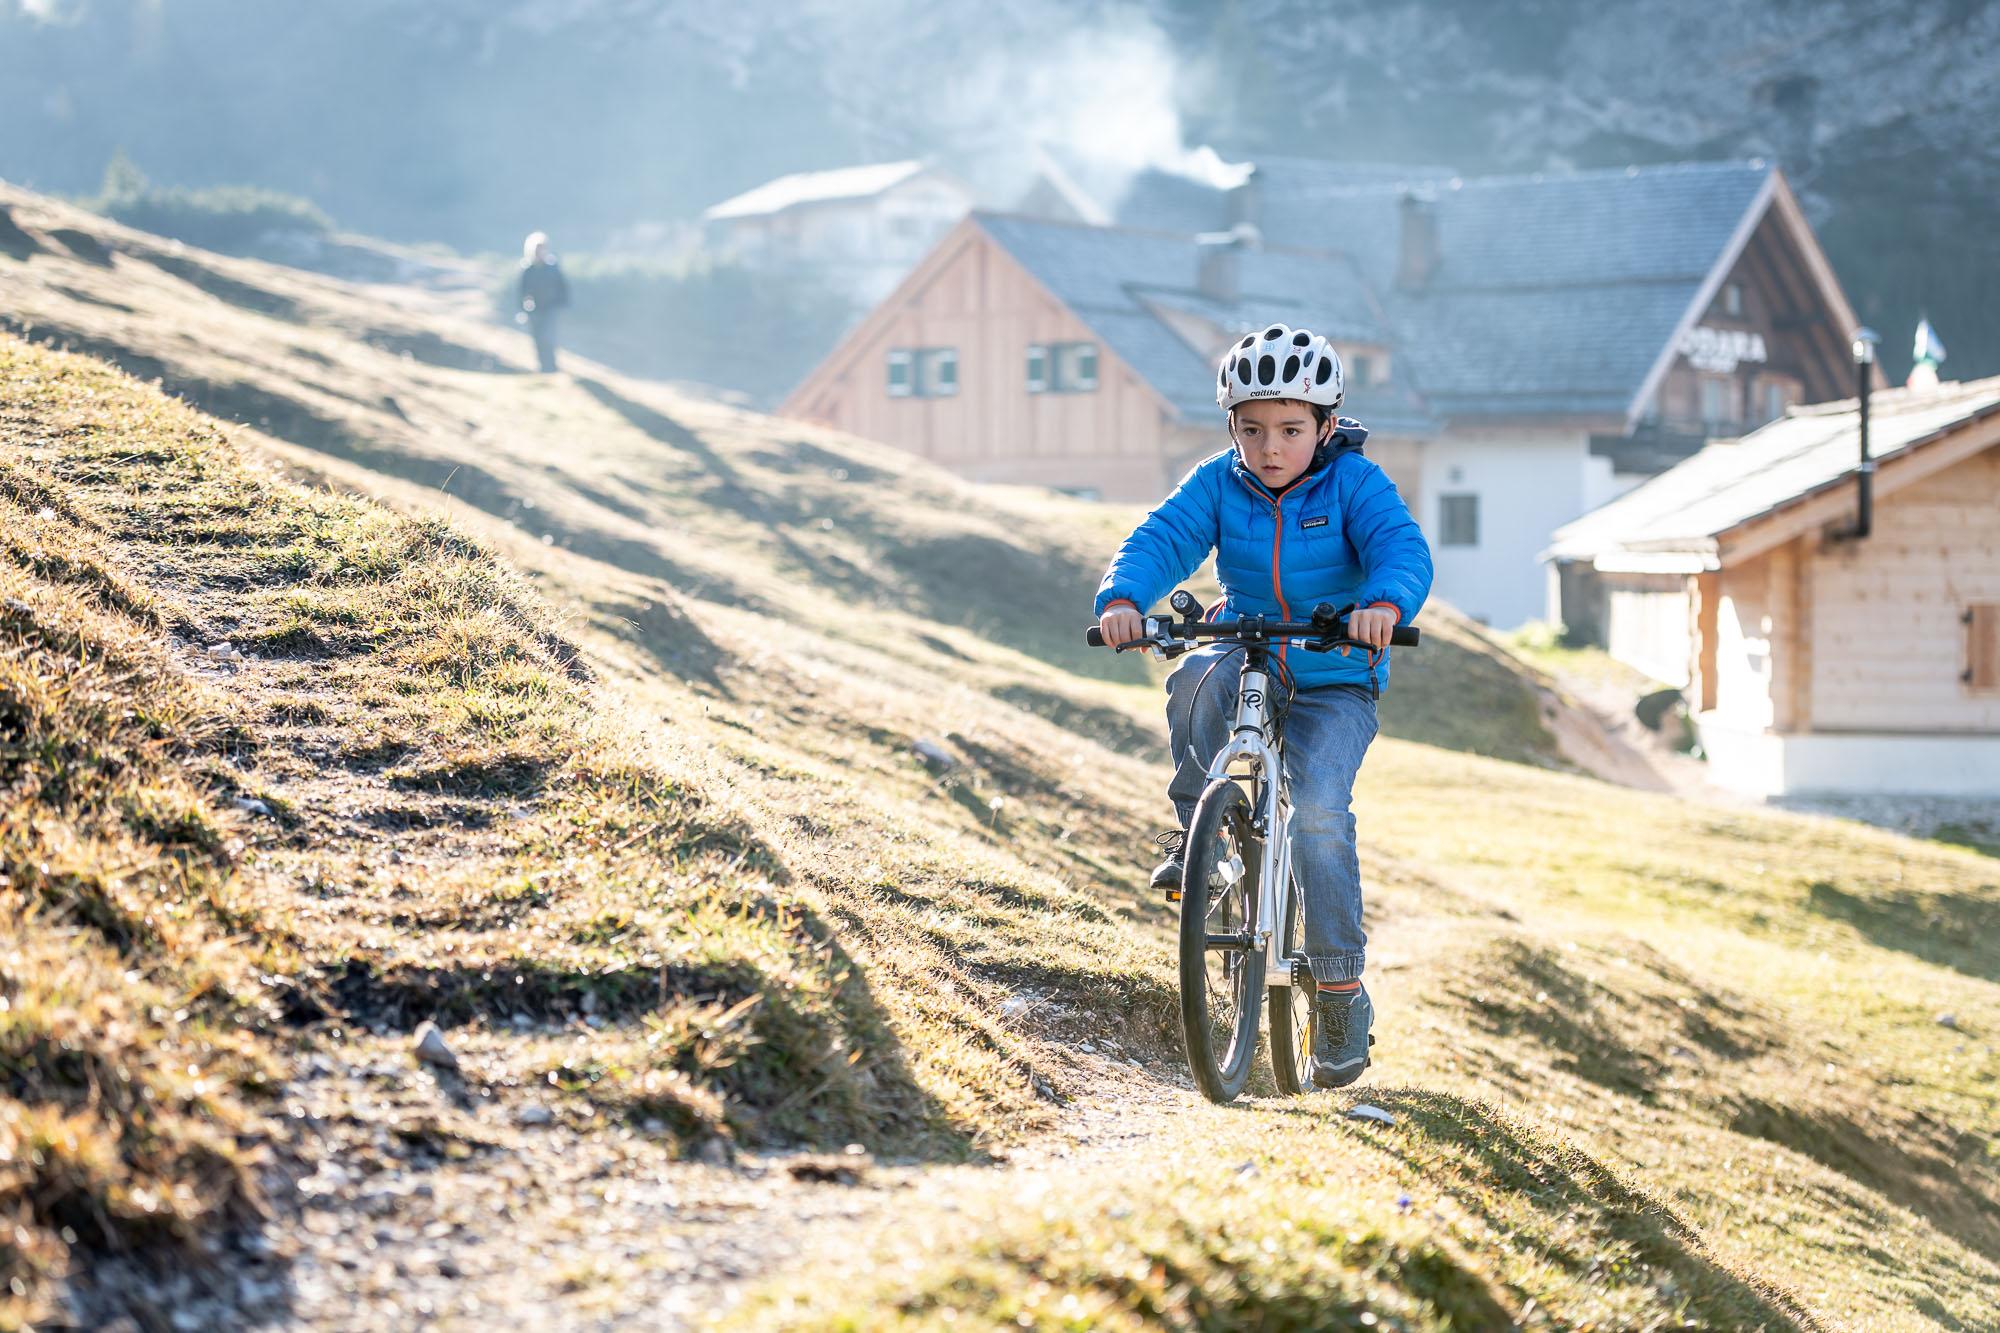 Lasciando l'Alpe di Fodara di primo mattino _ Bike  EARLY RIDER  _ PHOTO  ©GIUSEPPEGHEDINAFOTOGRAFO